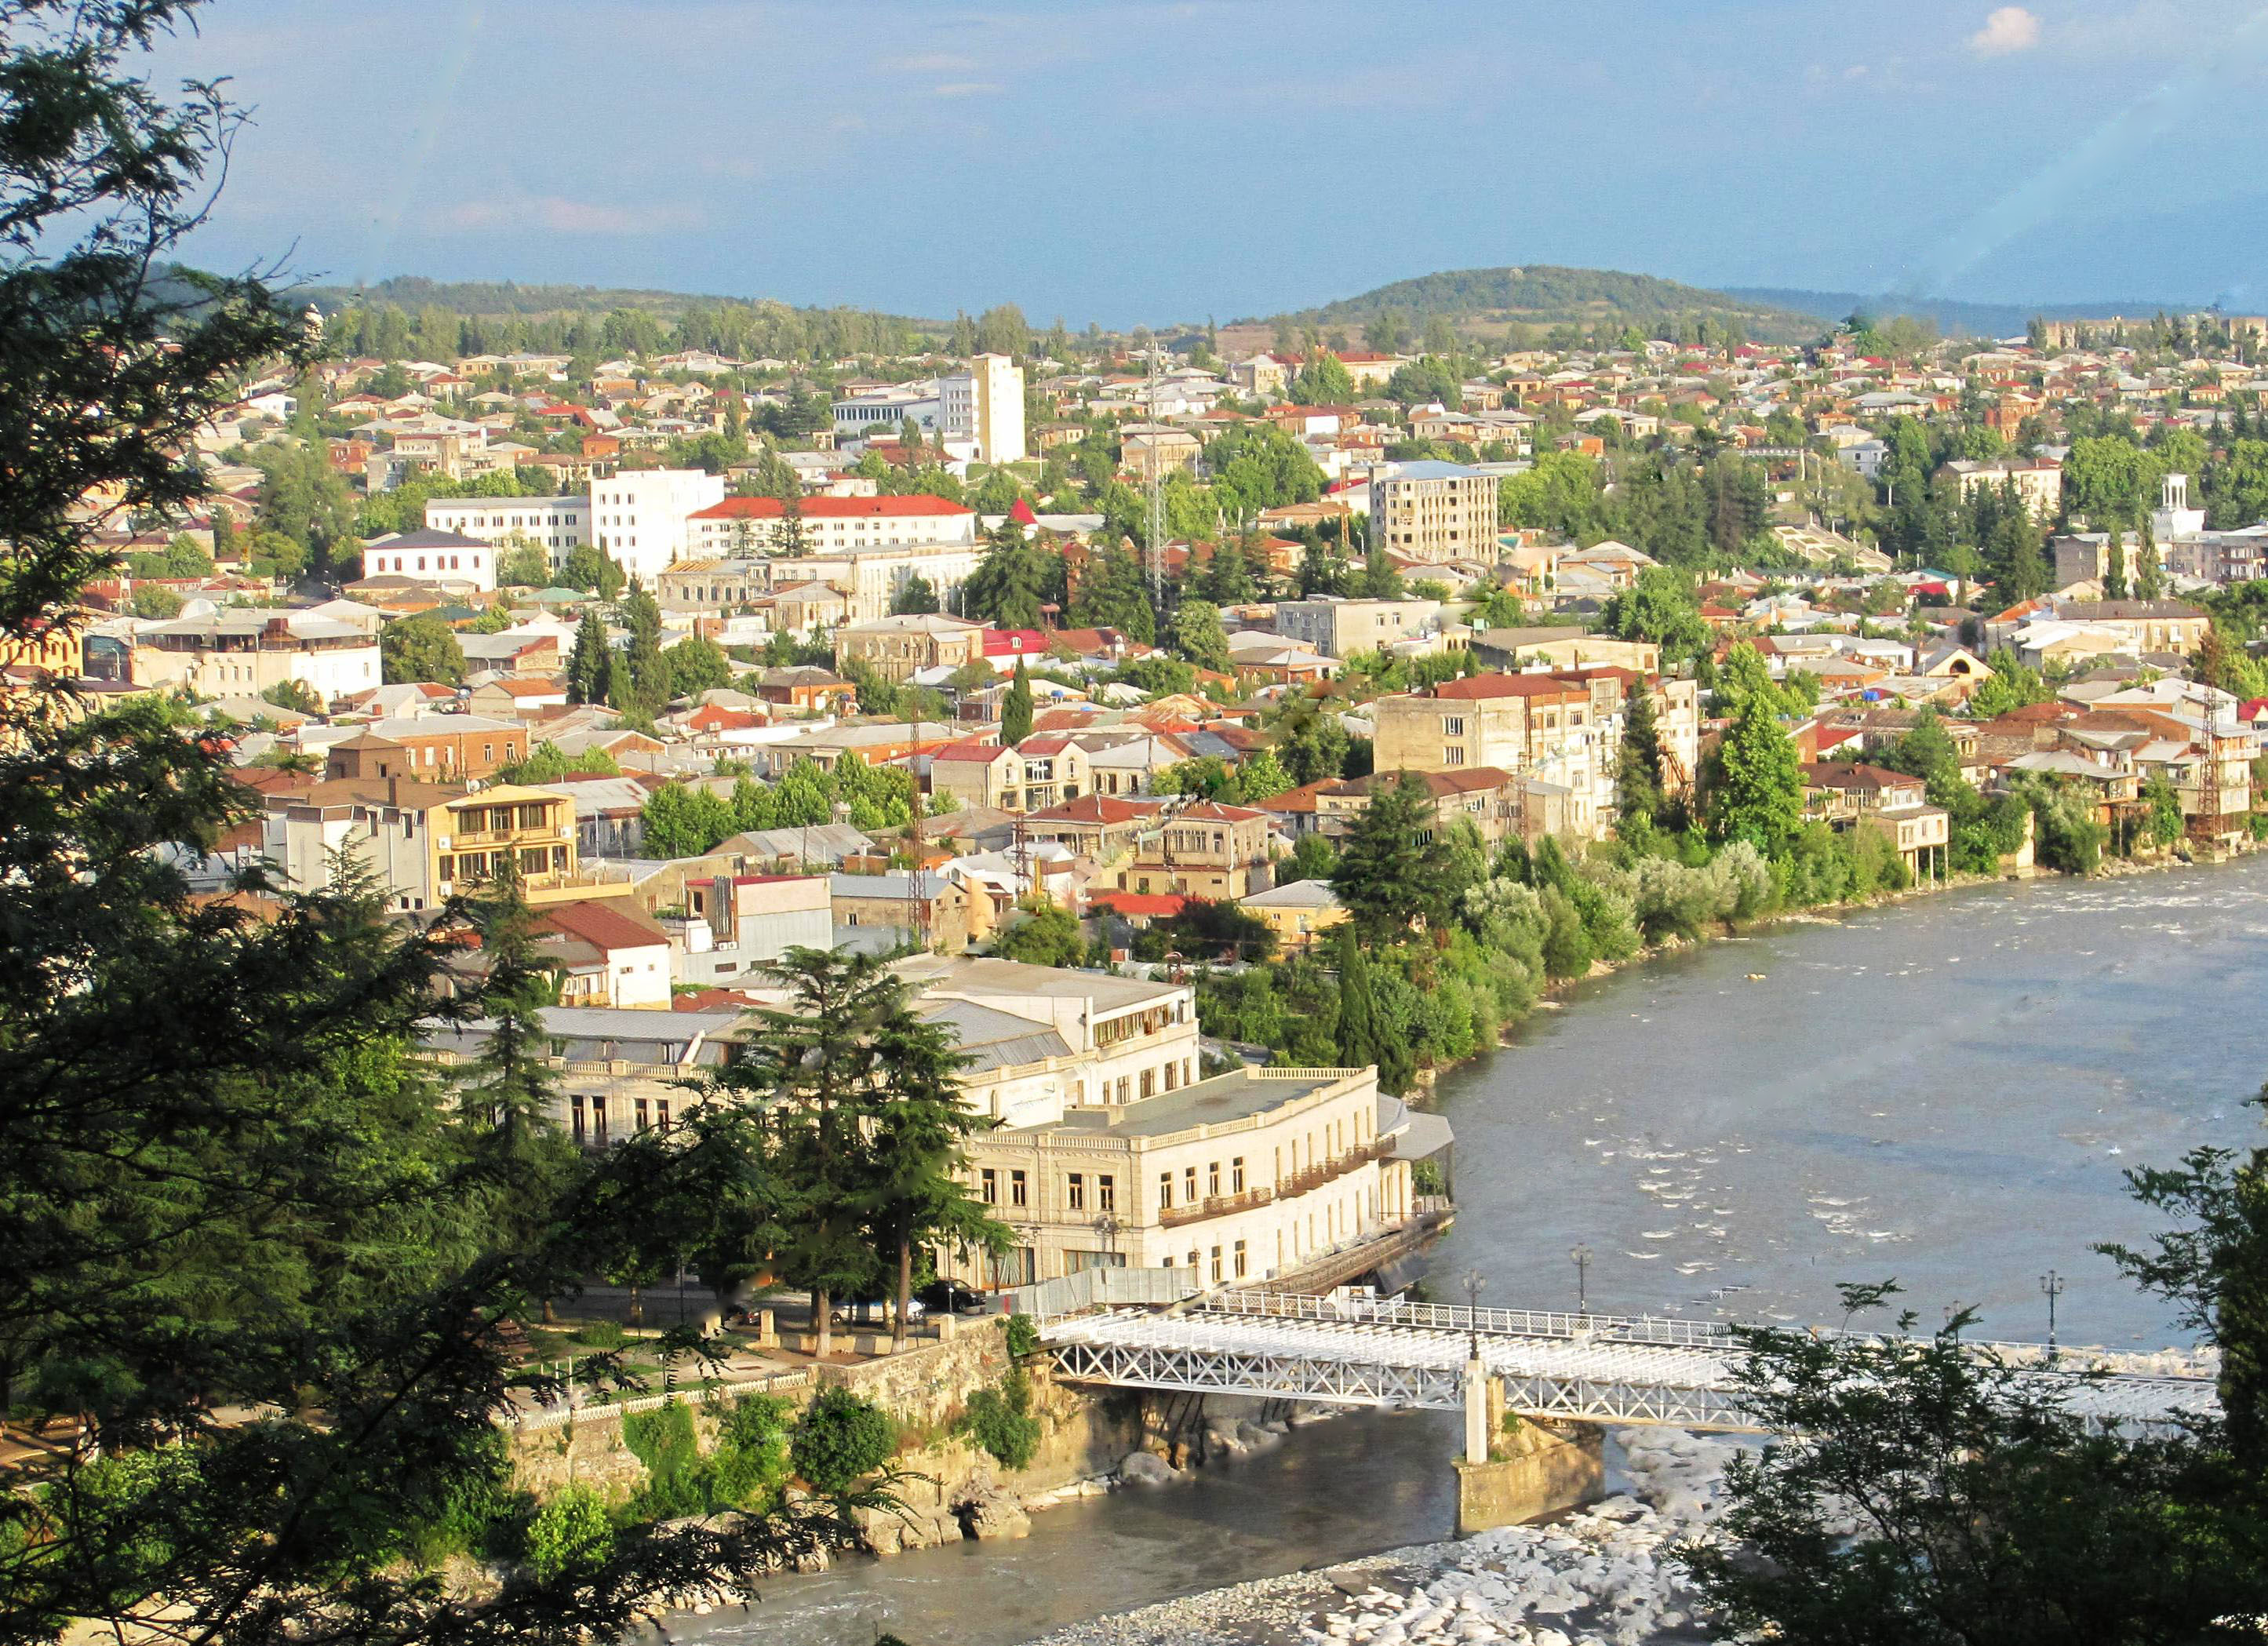 Кутаиси общая информация. Кутаиси. Kutaisi, georgia • карта города. Я еду сюда. Я здесь был. Экскурсии по курорту. Оценить 13. Профили достопримечательностей содержат отзывы туристов, фото и другую полезную информацию по интересным местам кутаиси. По некоторым из мест вы можете.